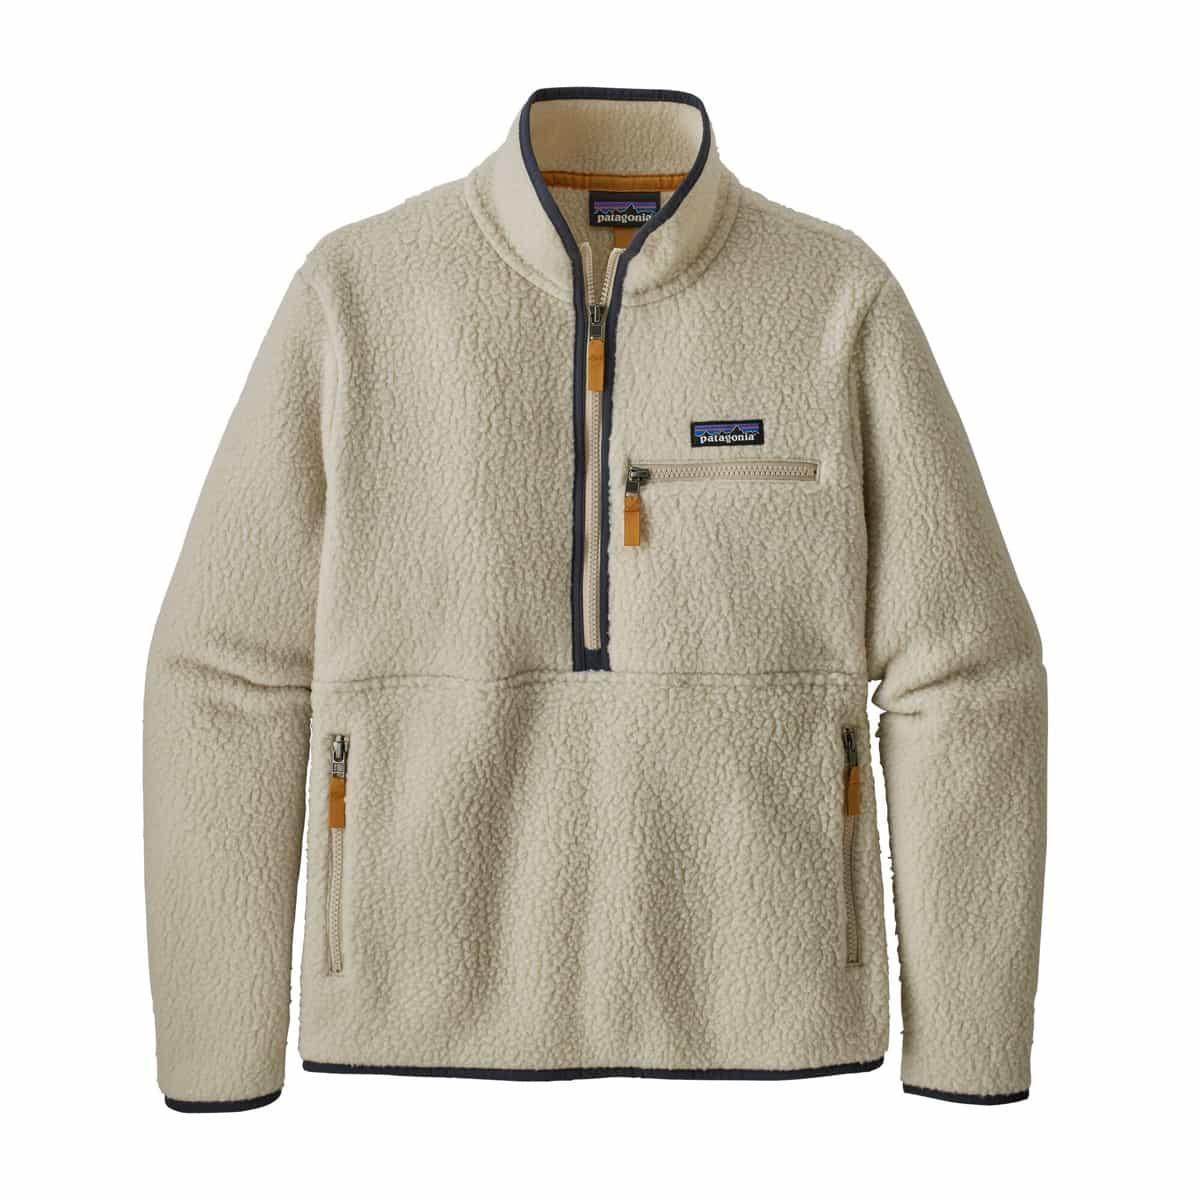 Patagonia Fleece, genser og dunjakker til dame og herre